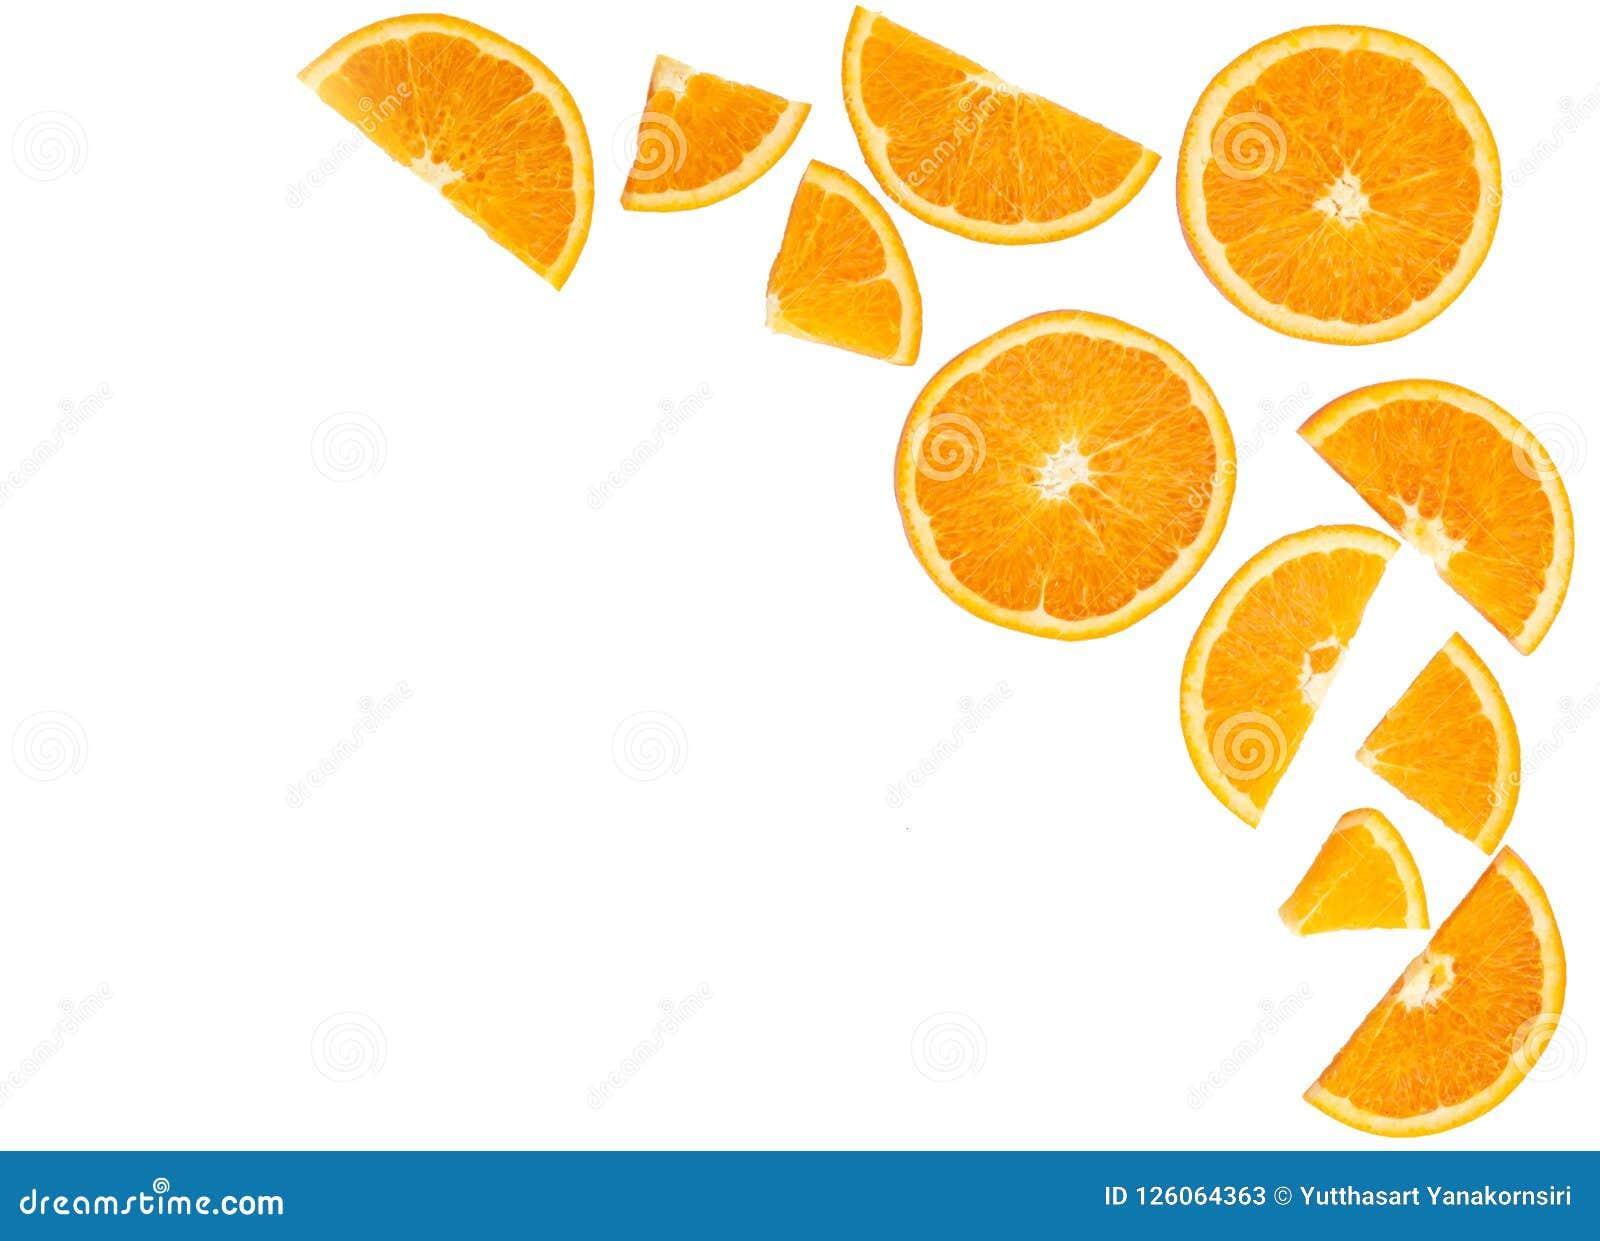 Topview orange fruktskiva som isoleras på vit bakgrund, frukt honom